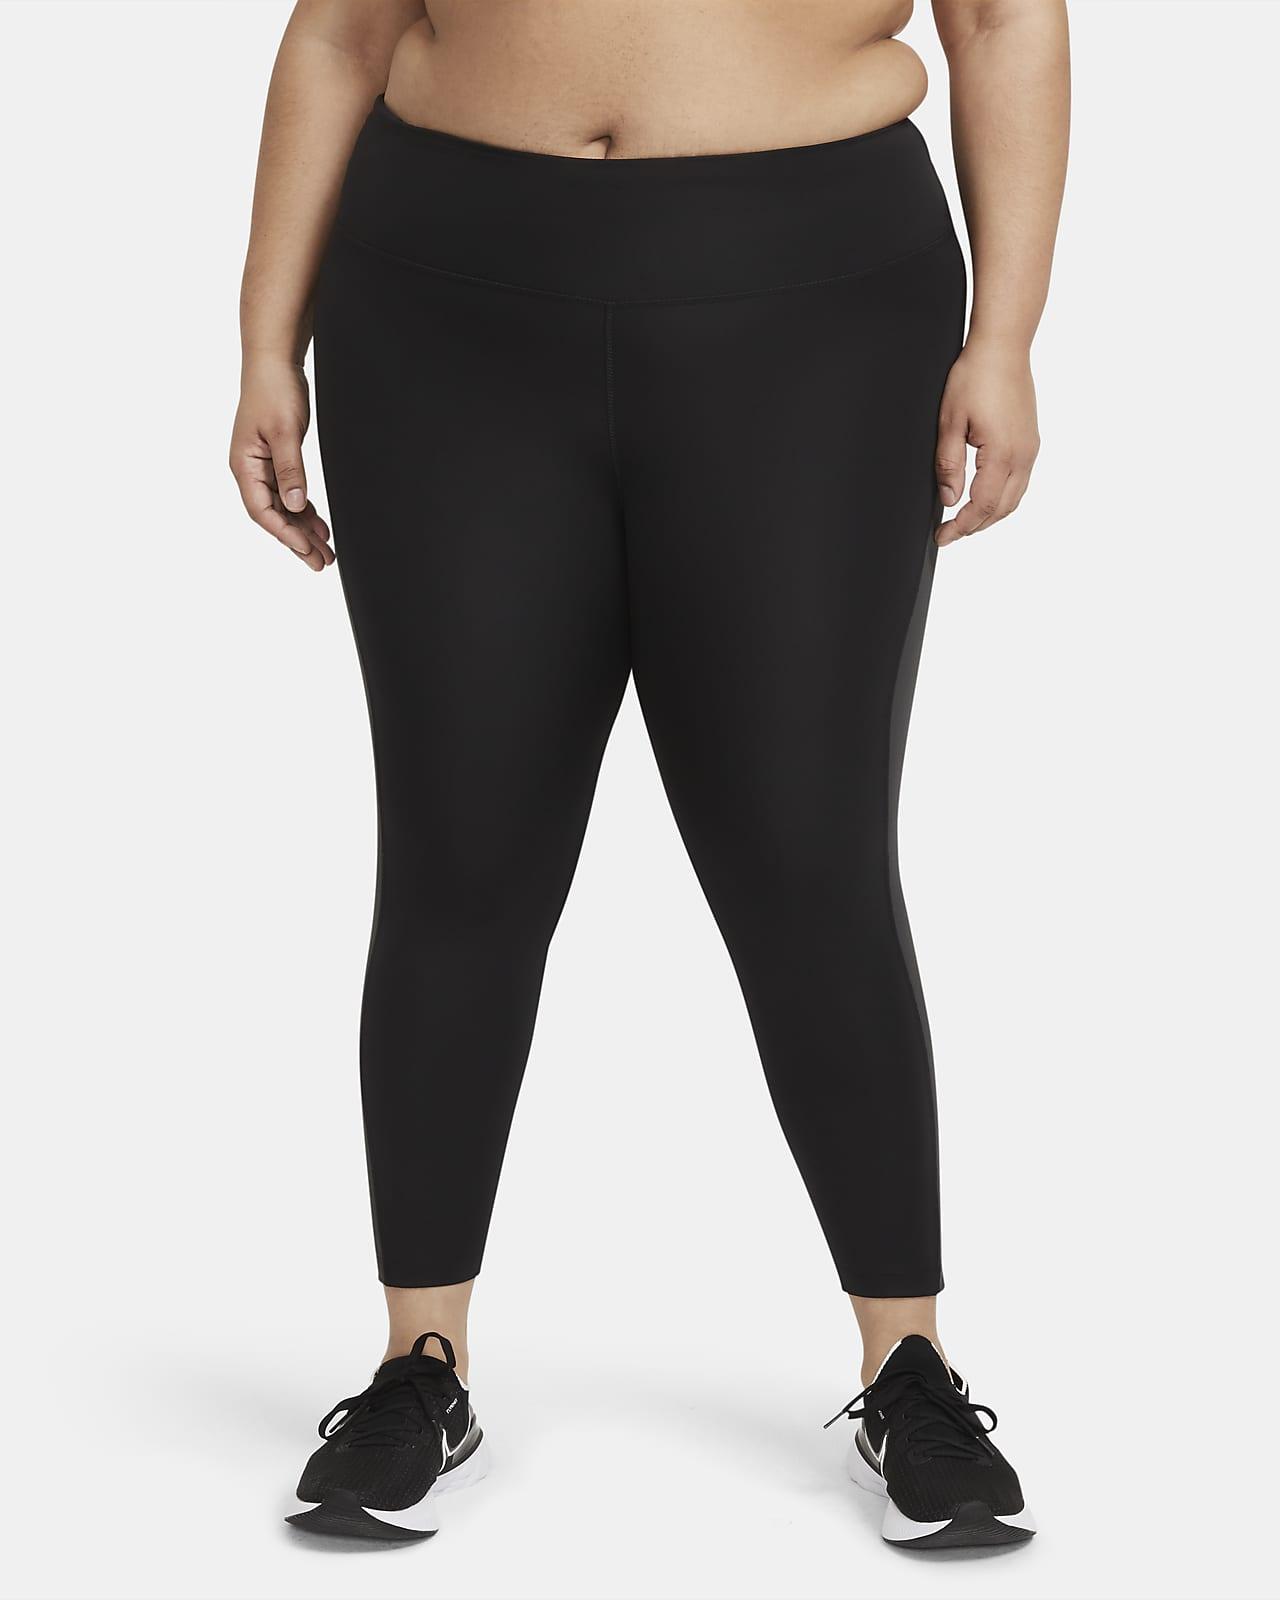 Damskie legginsy 7/8 ze średnim stanem do biegania Nike Epic Fast (duże rozmiary)